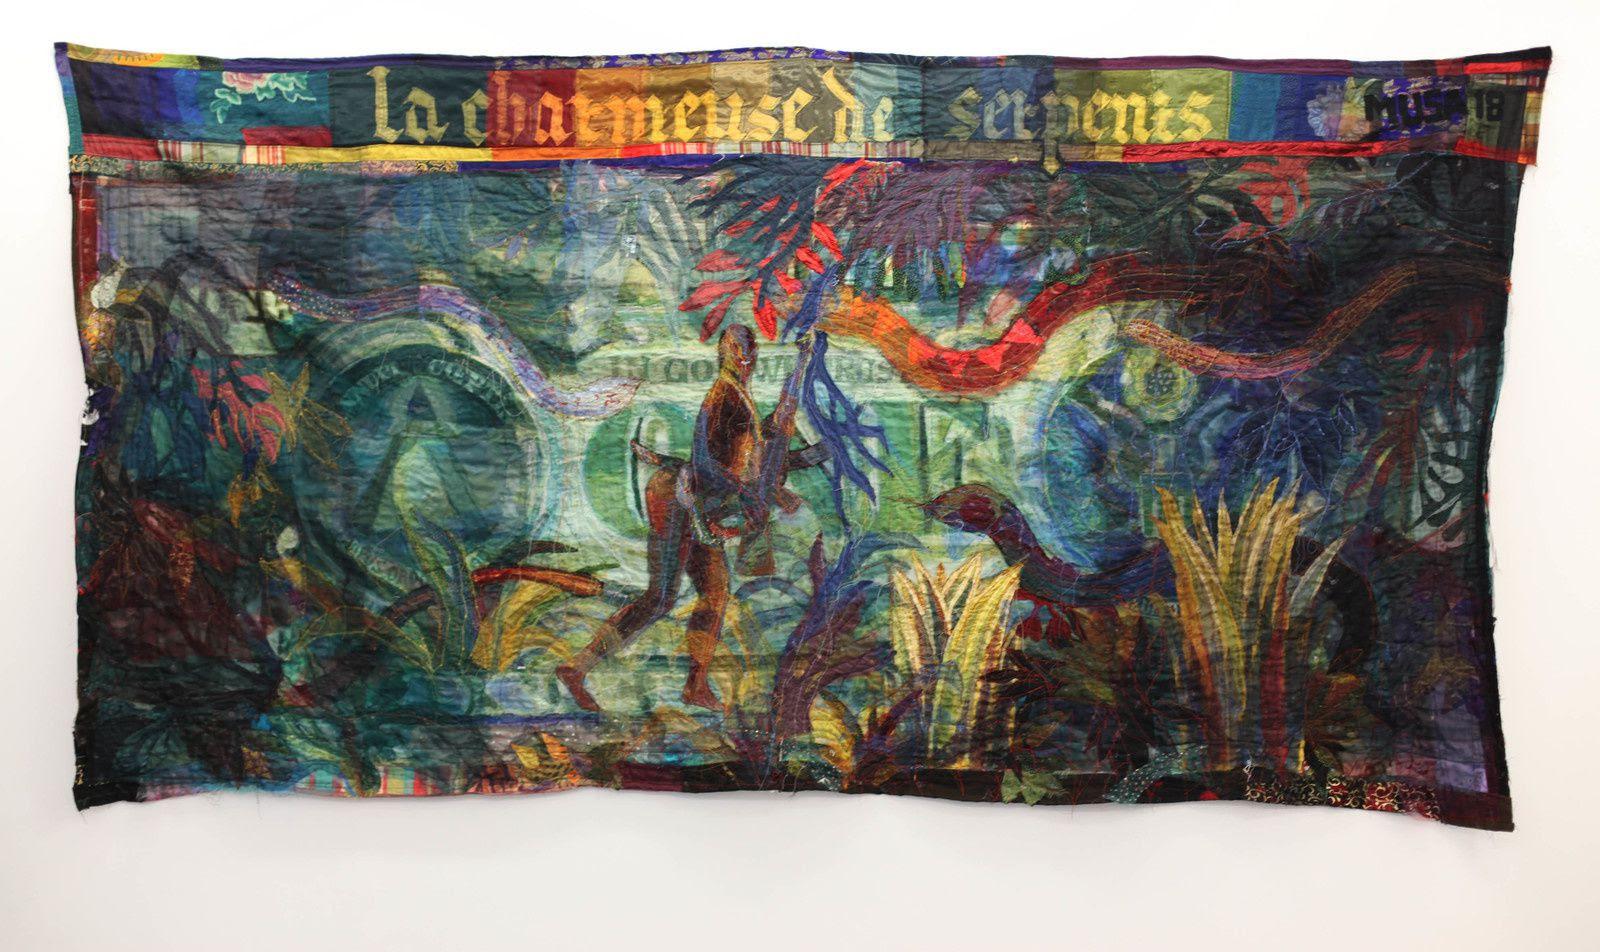 Exposition Peinture Contemporaine Hassan Musa Steal Lifes